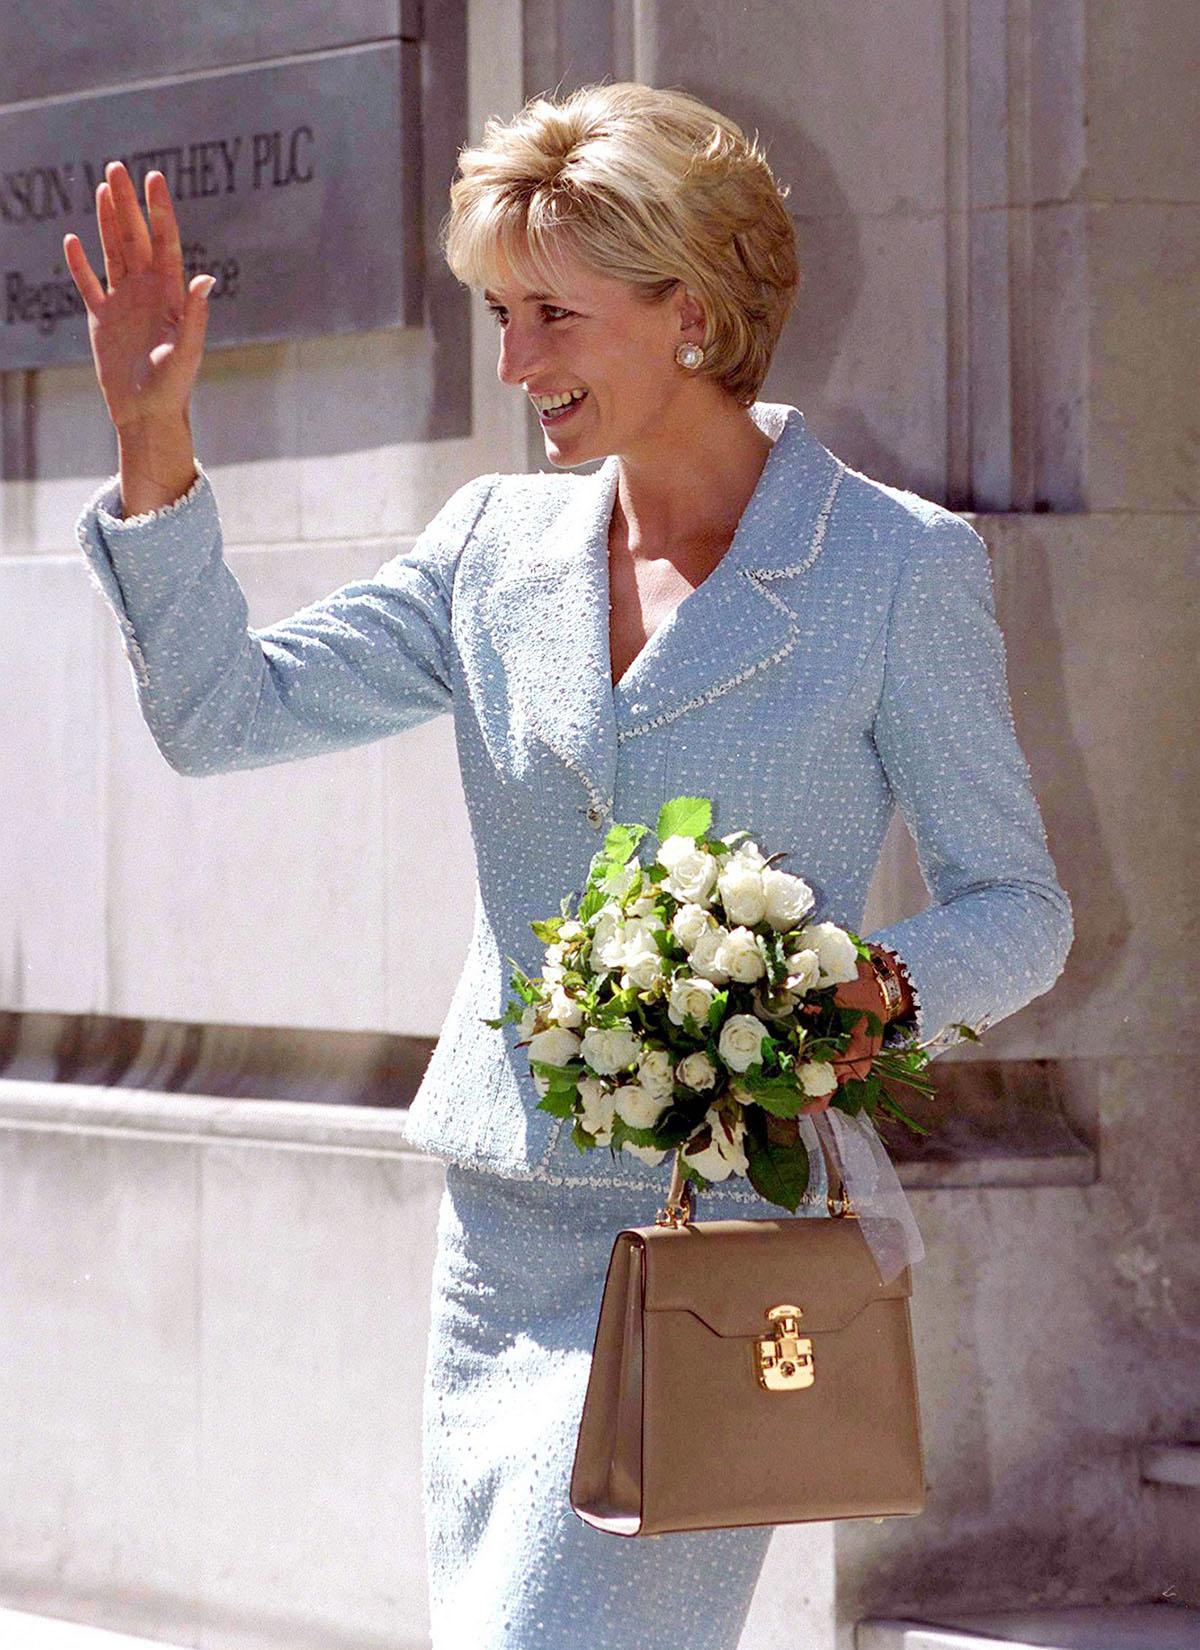 Công nương Diana đeo đồng hồ Cartier khi tham gia sự kiện của Quỹ Phổi Anh năm 1997.